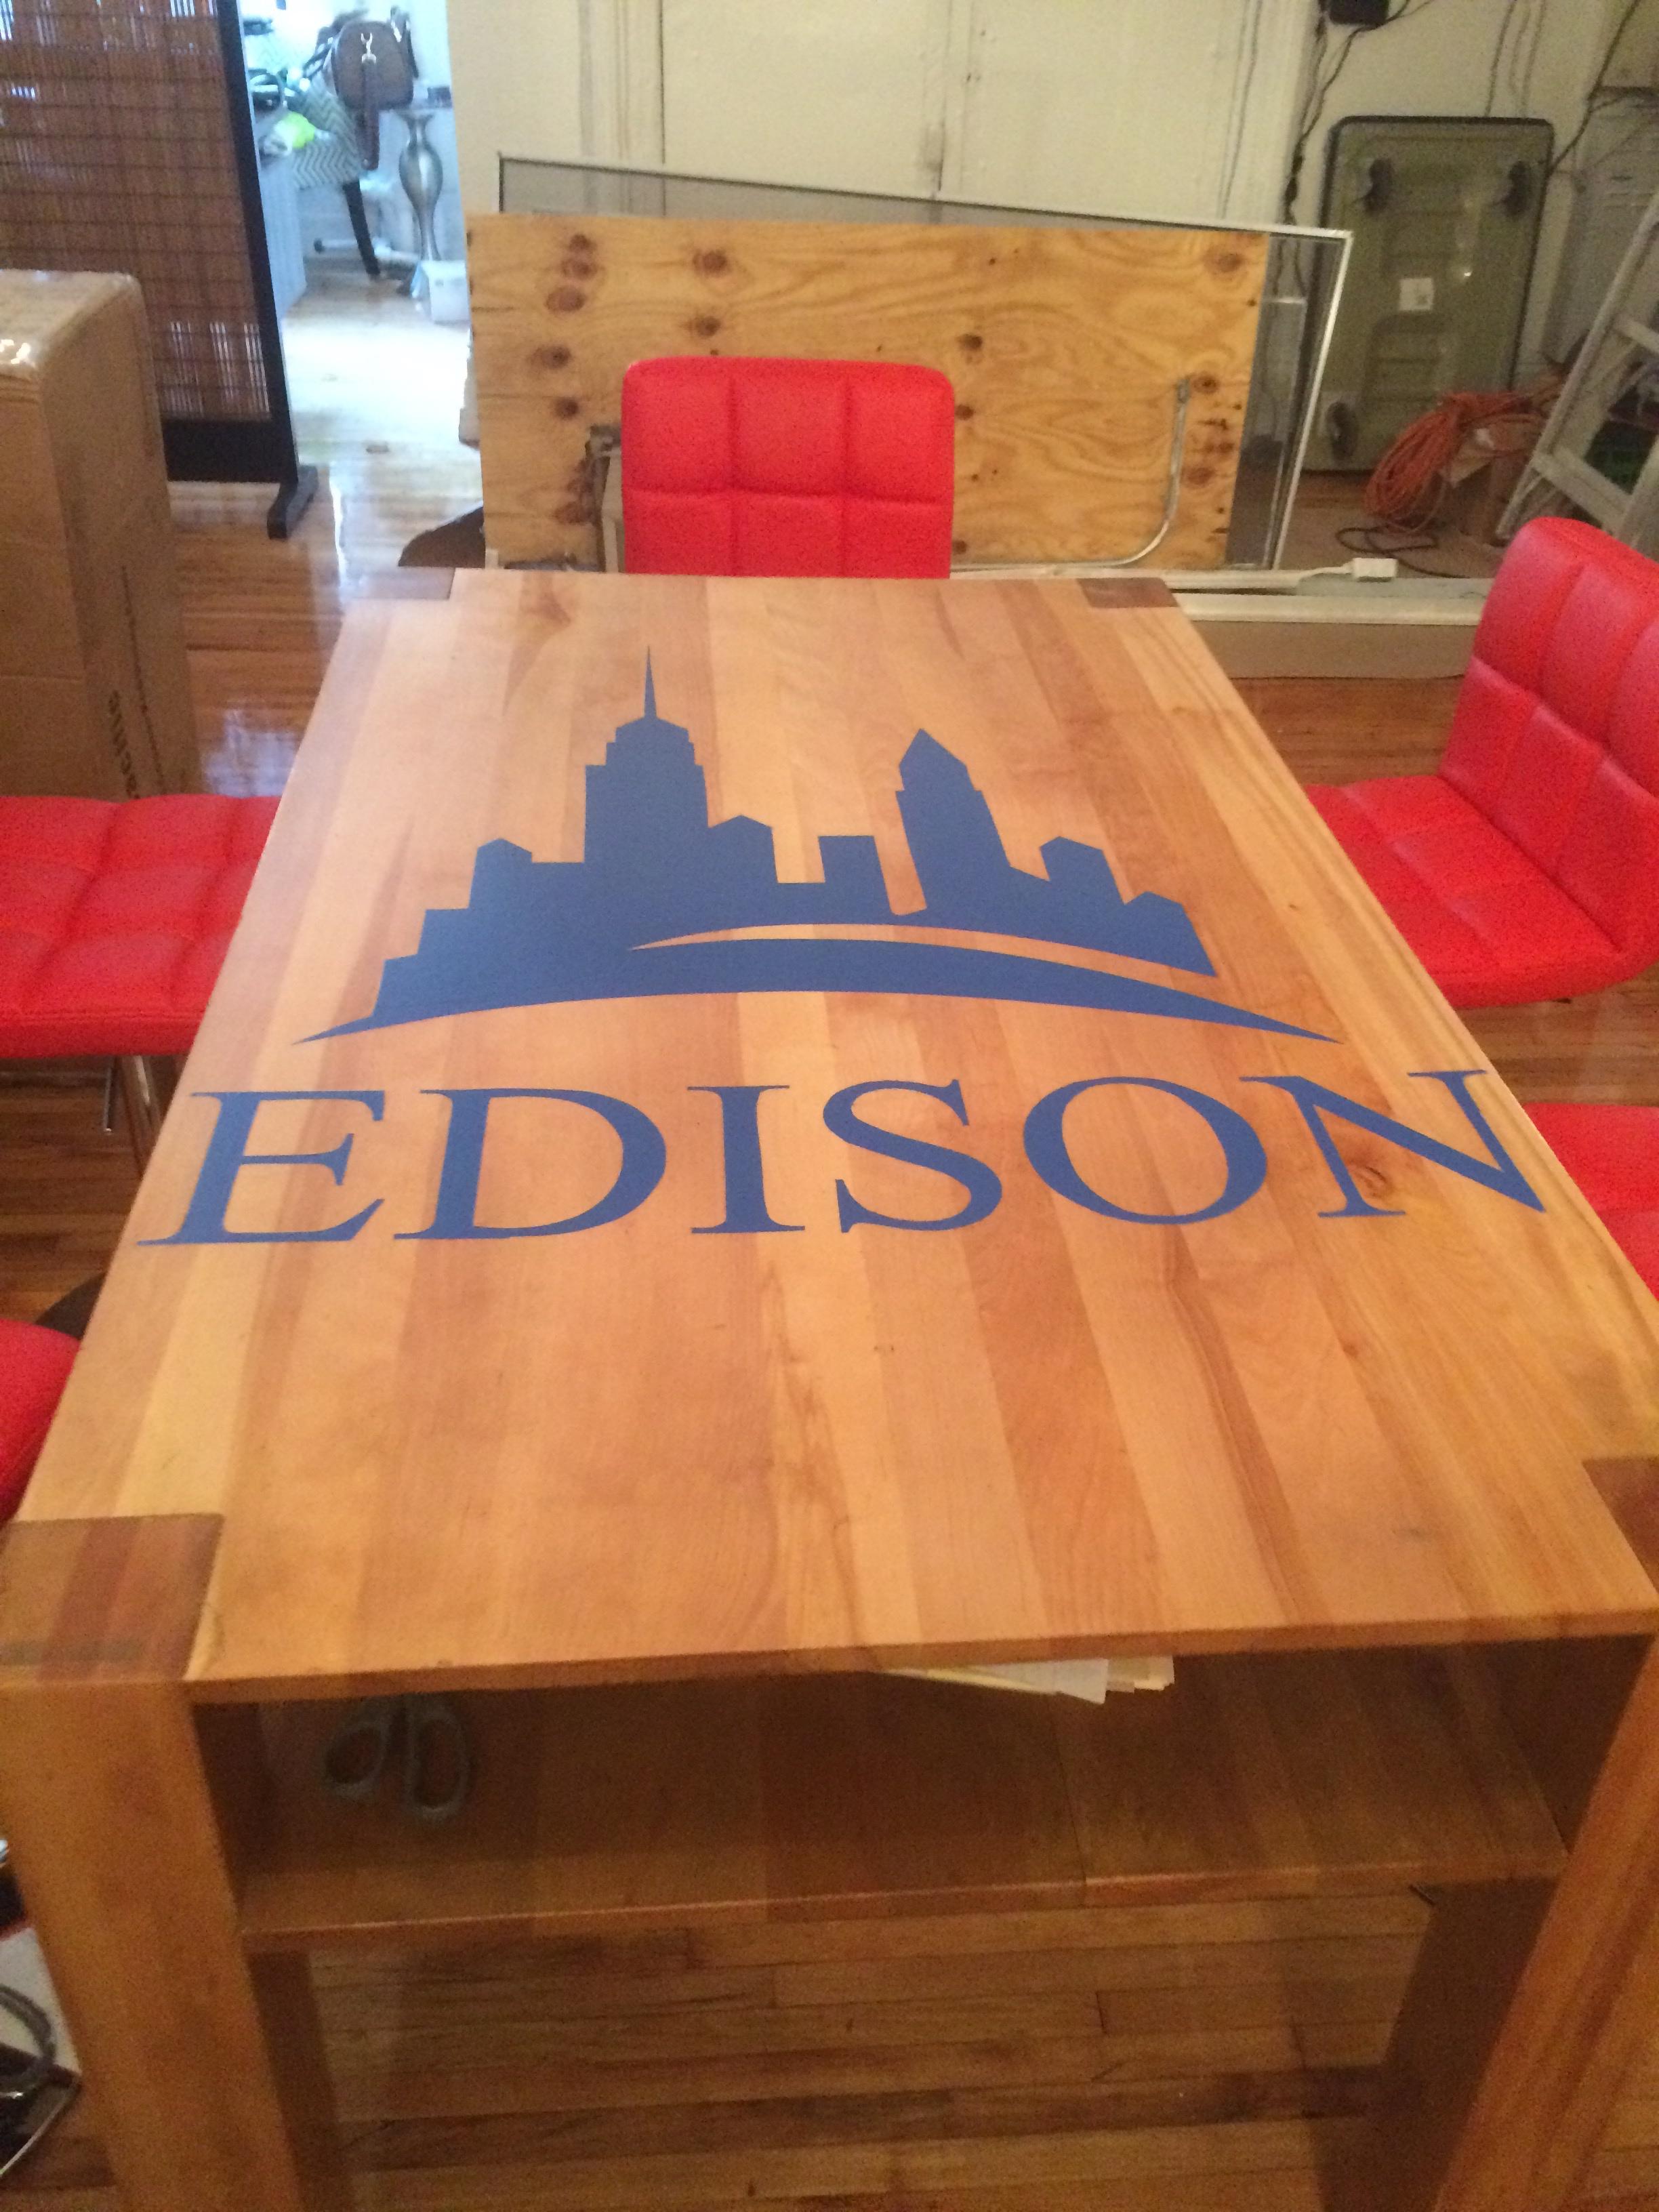 Edison Office installation